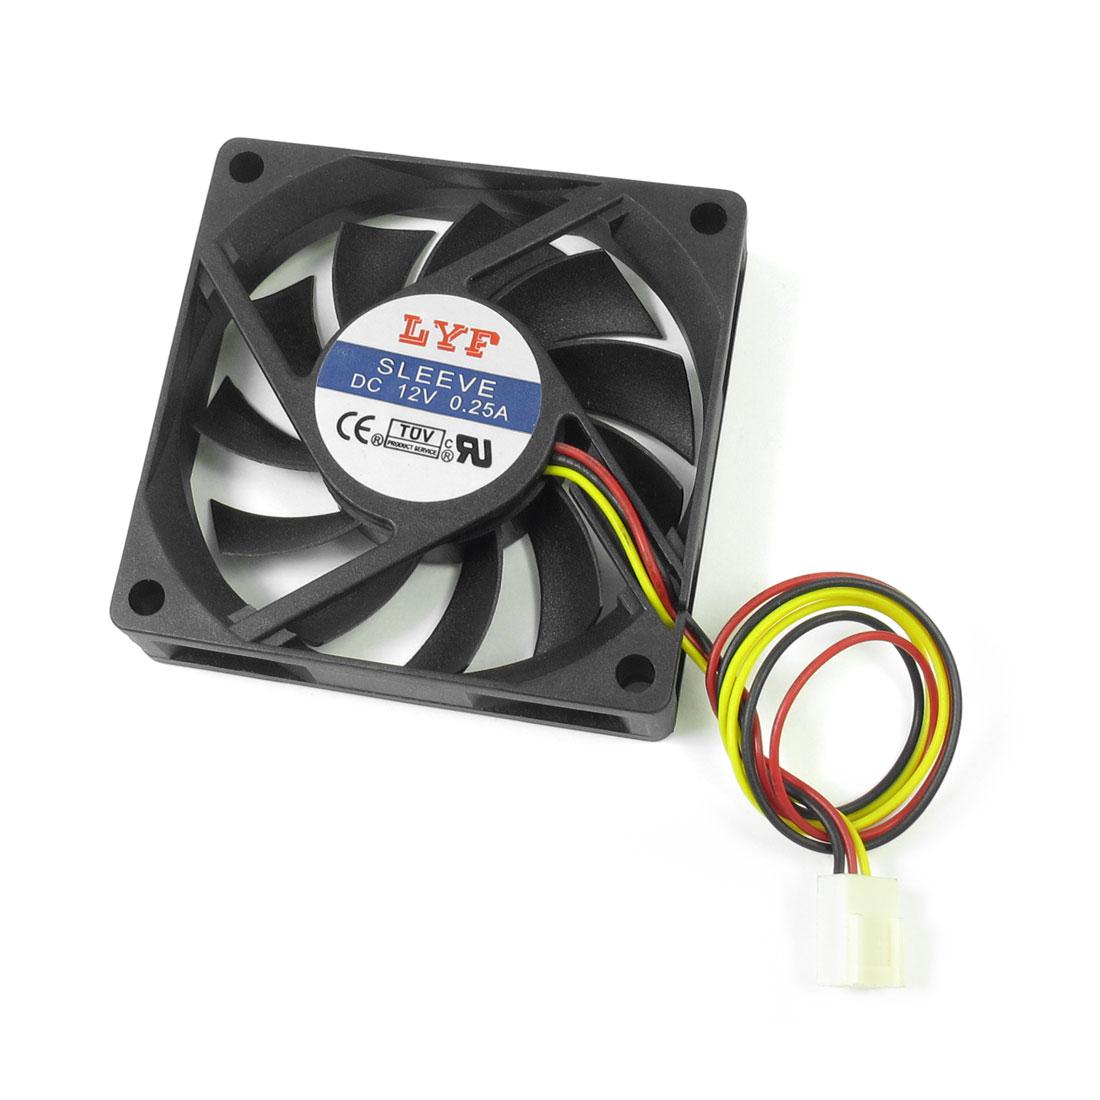 DC 12V 0.25A 6.5cm Dia 3 Pin Cooling Fan Black for Desktop Computer